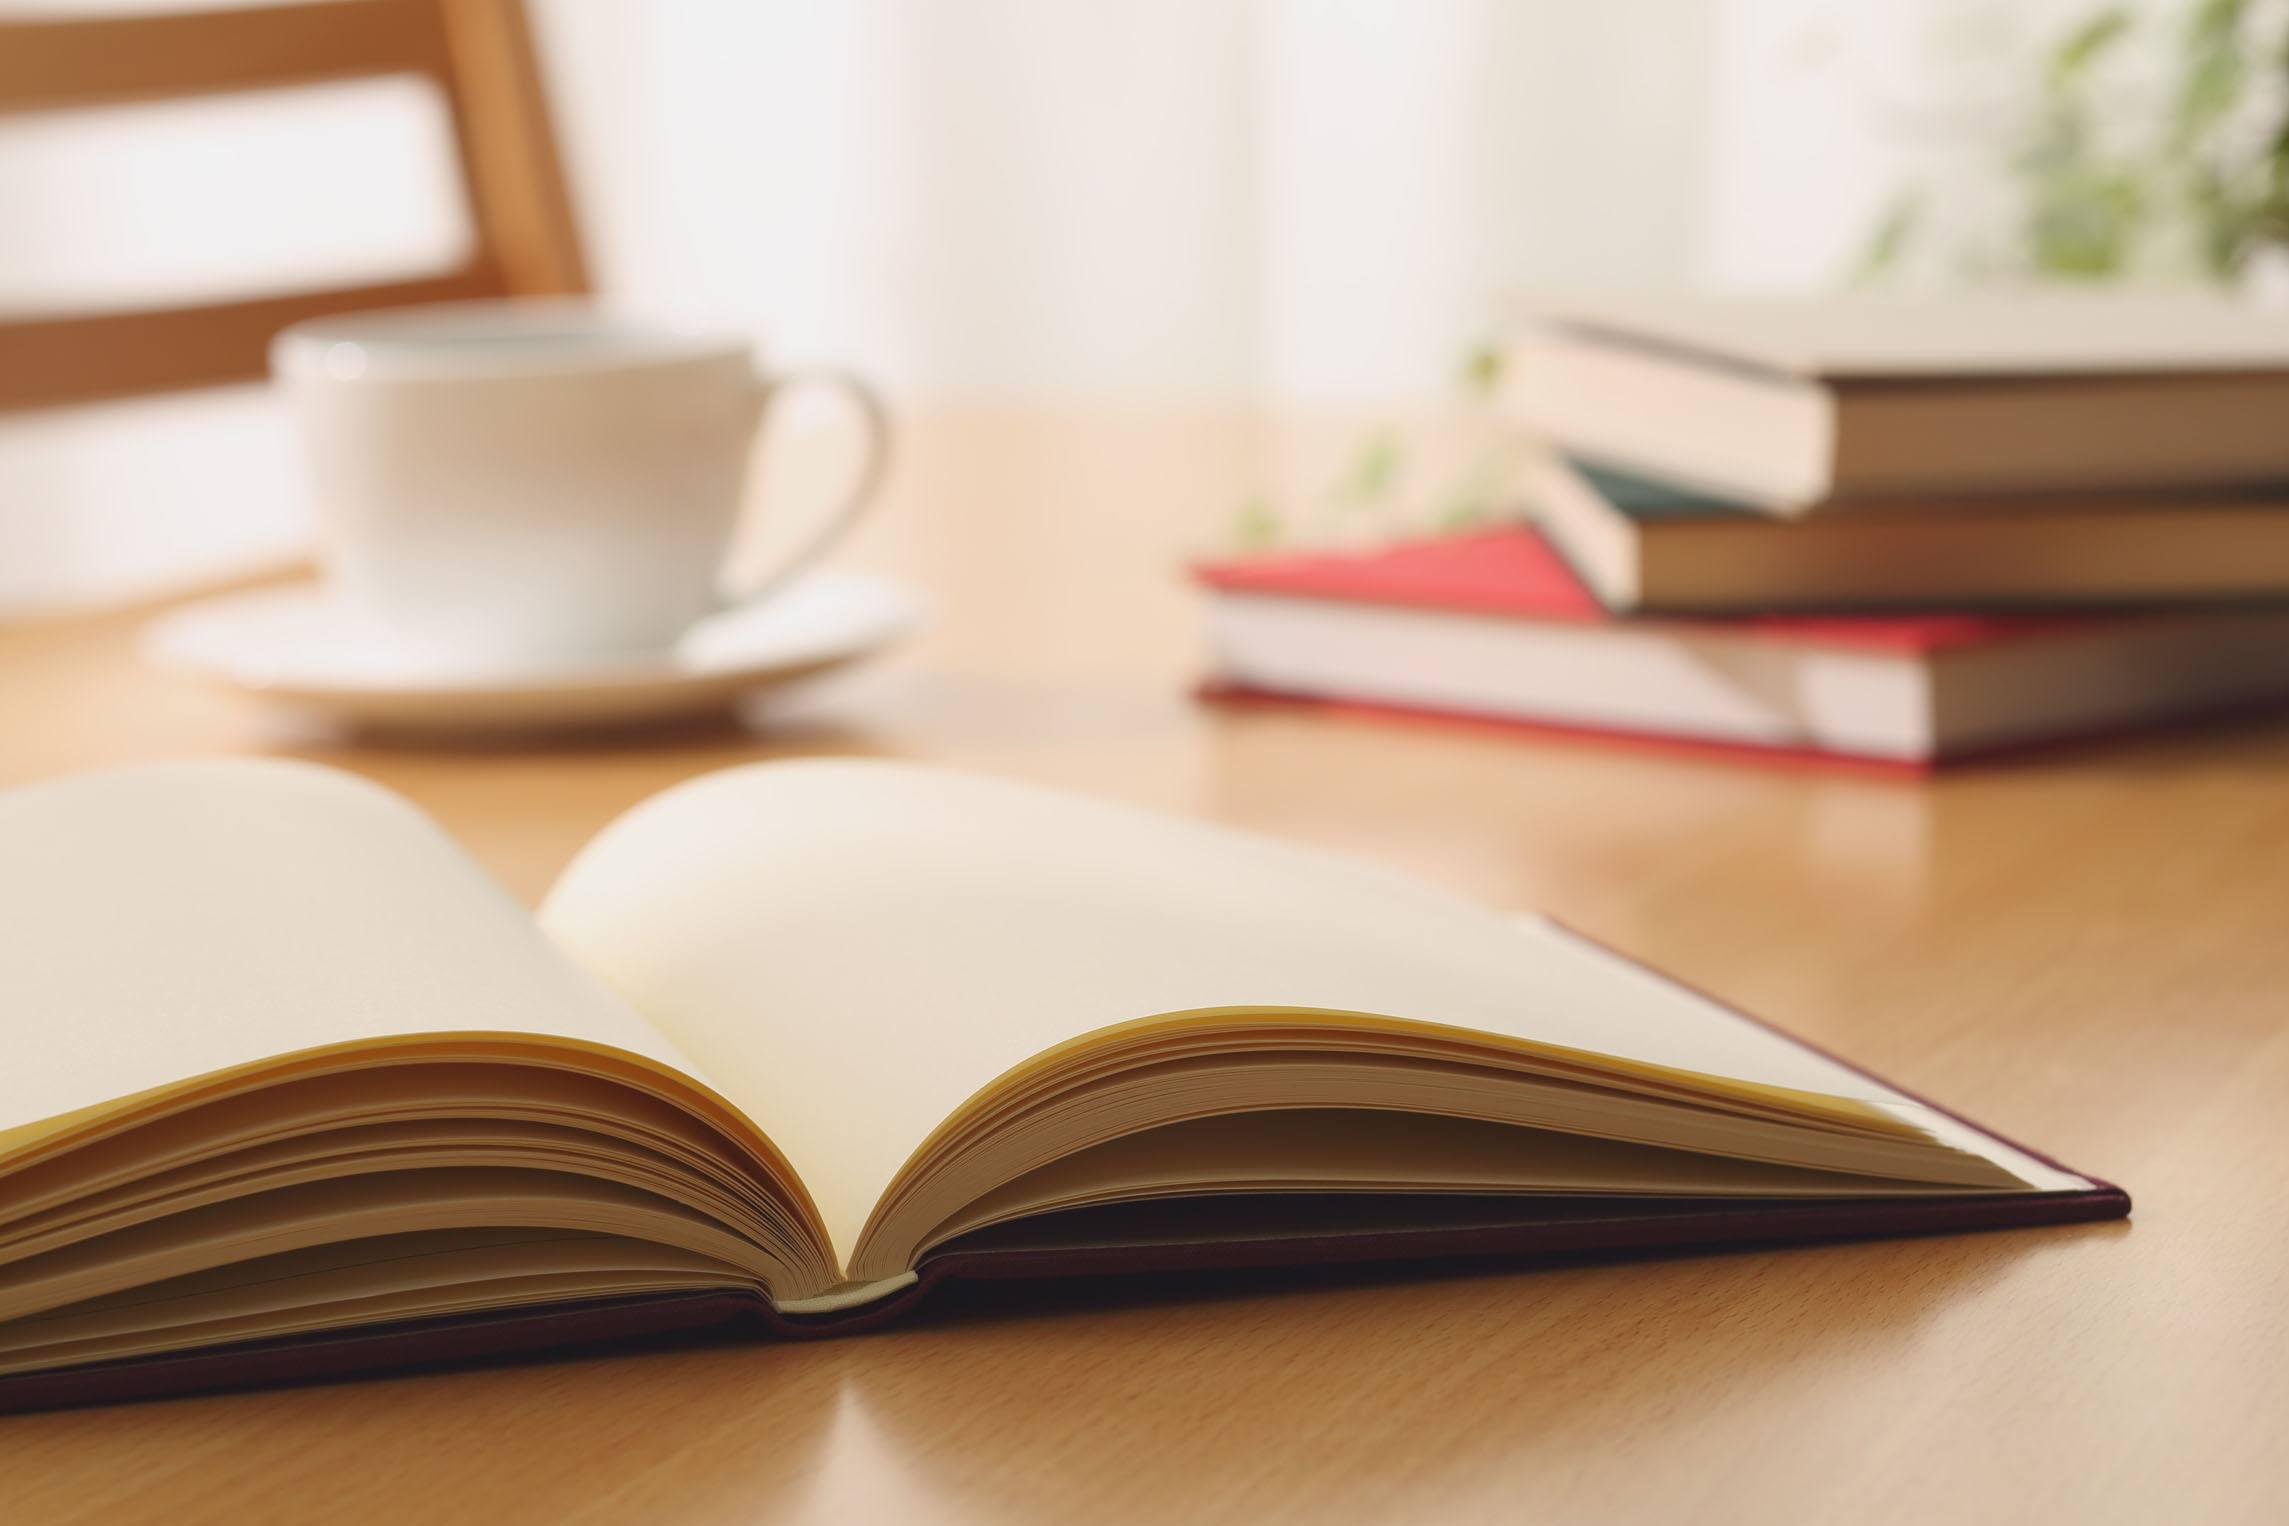 3月仍无法返校学习,日语高考生该如何复习